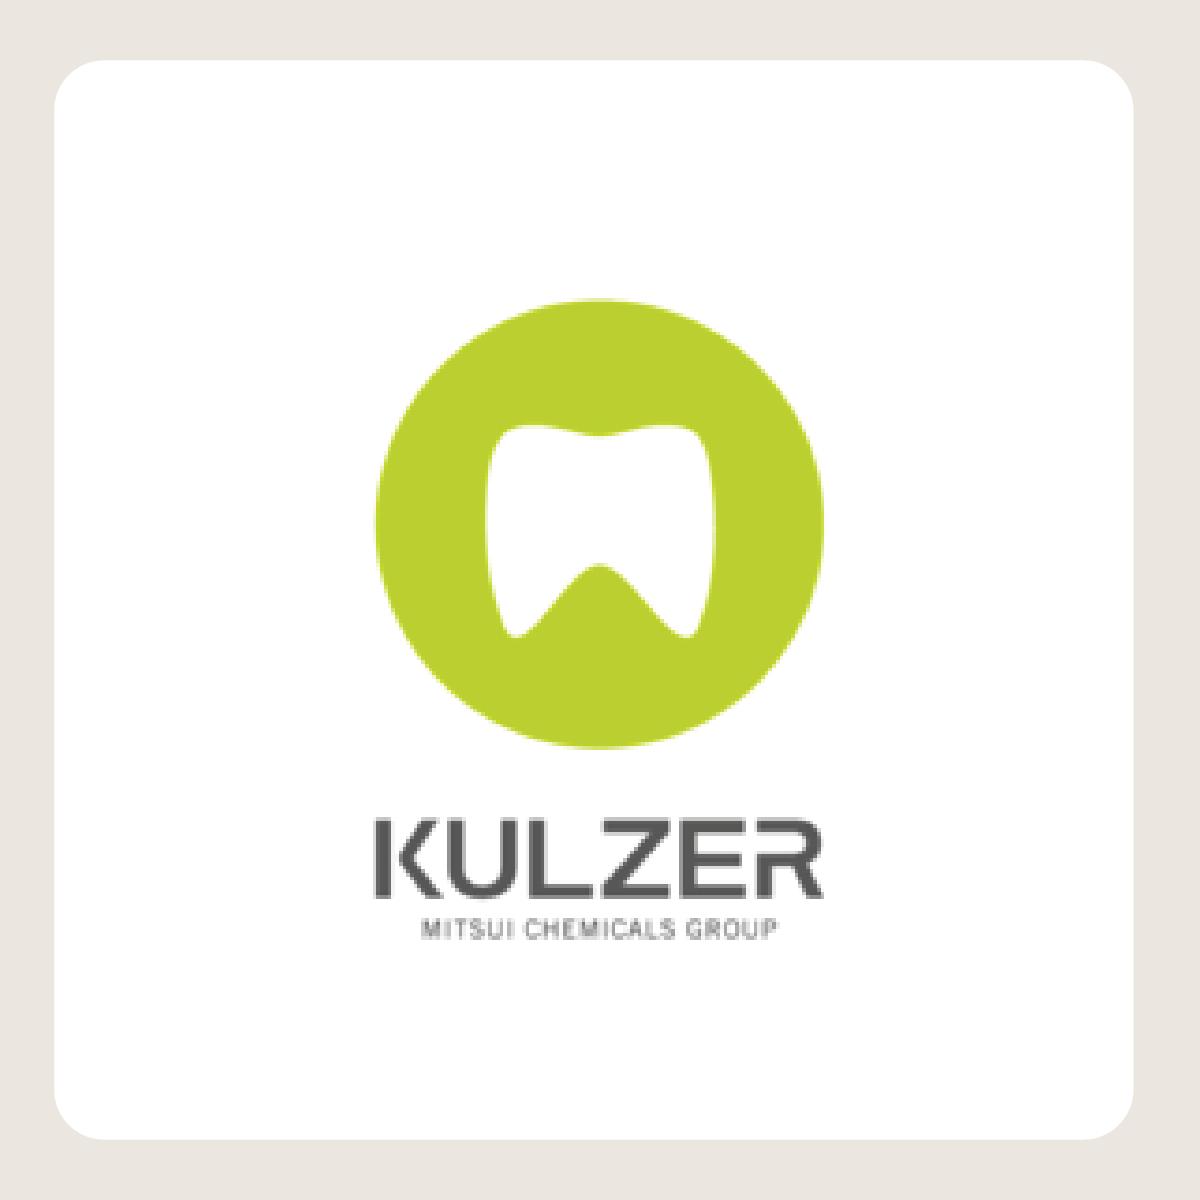 kulzer.png